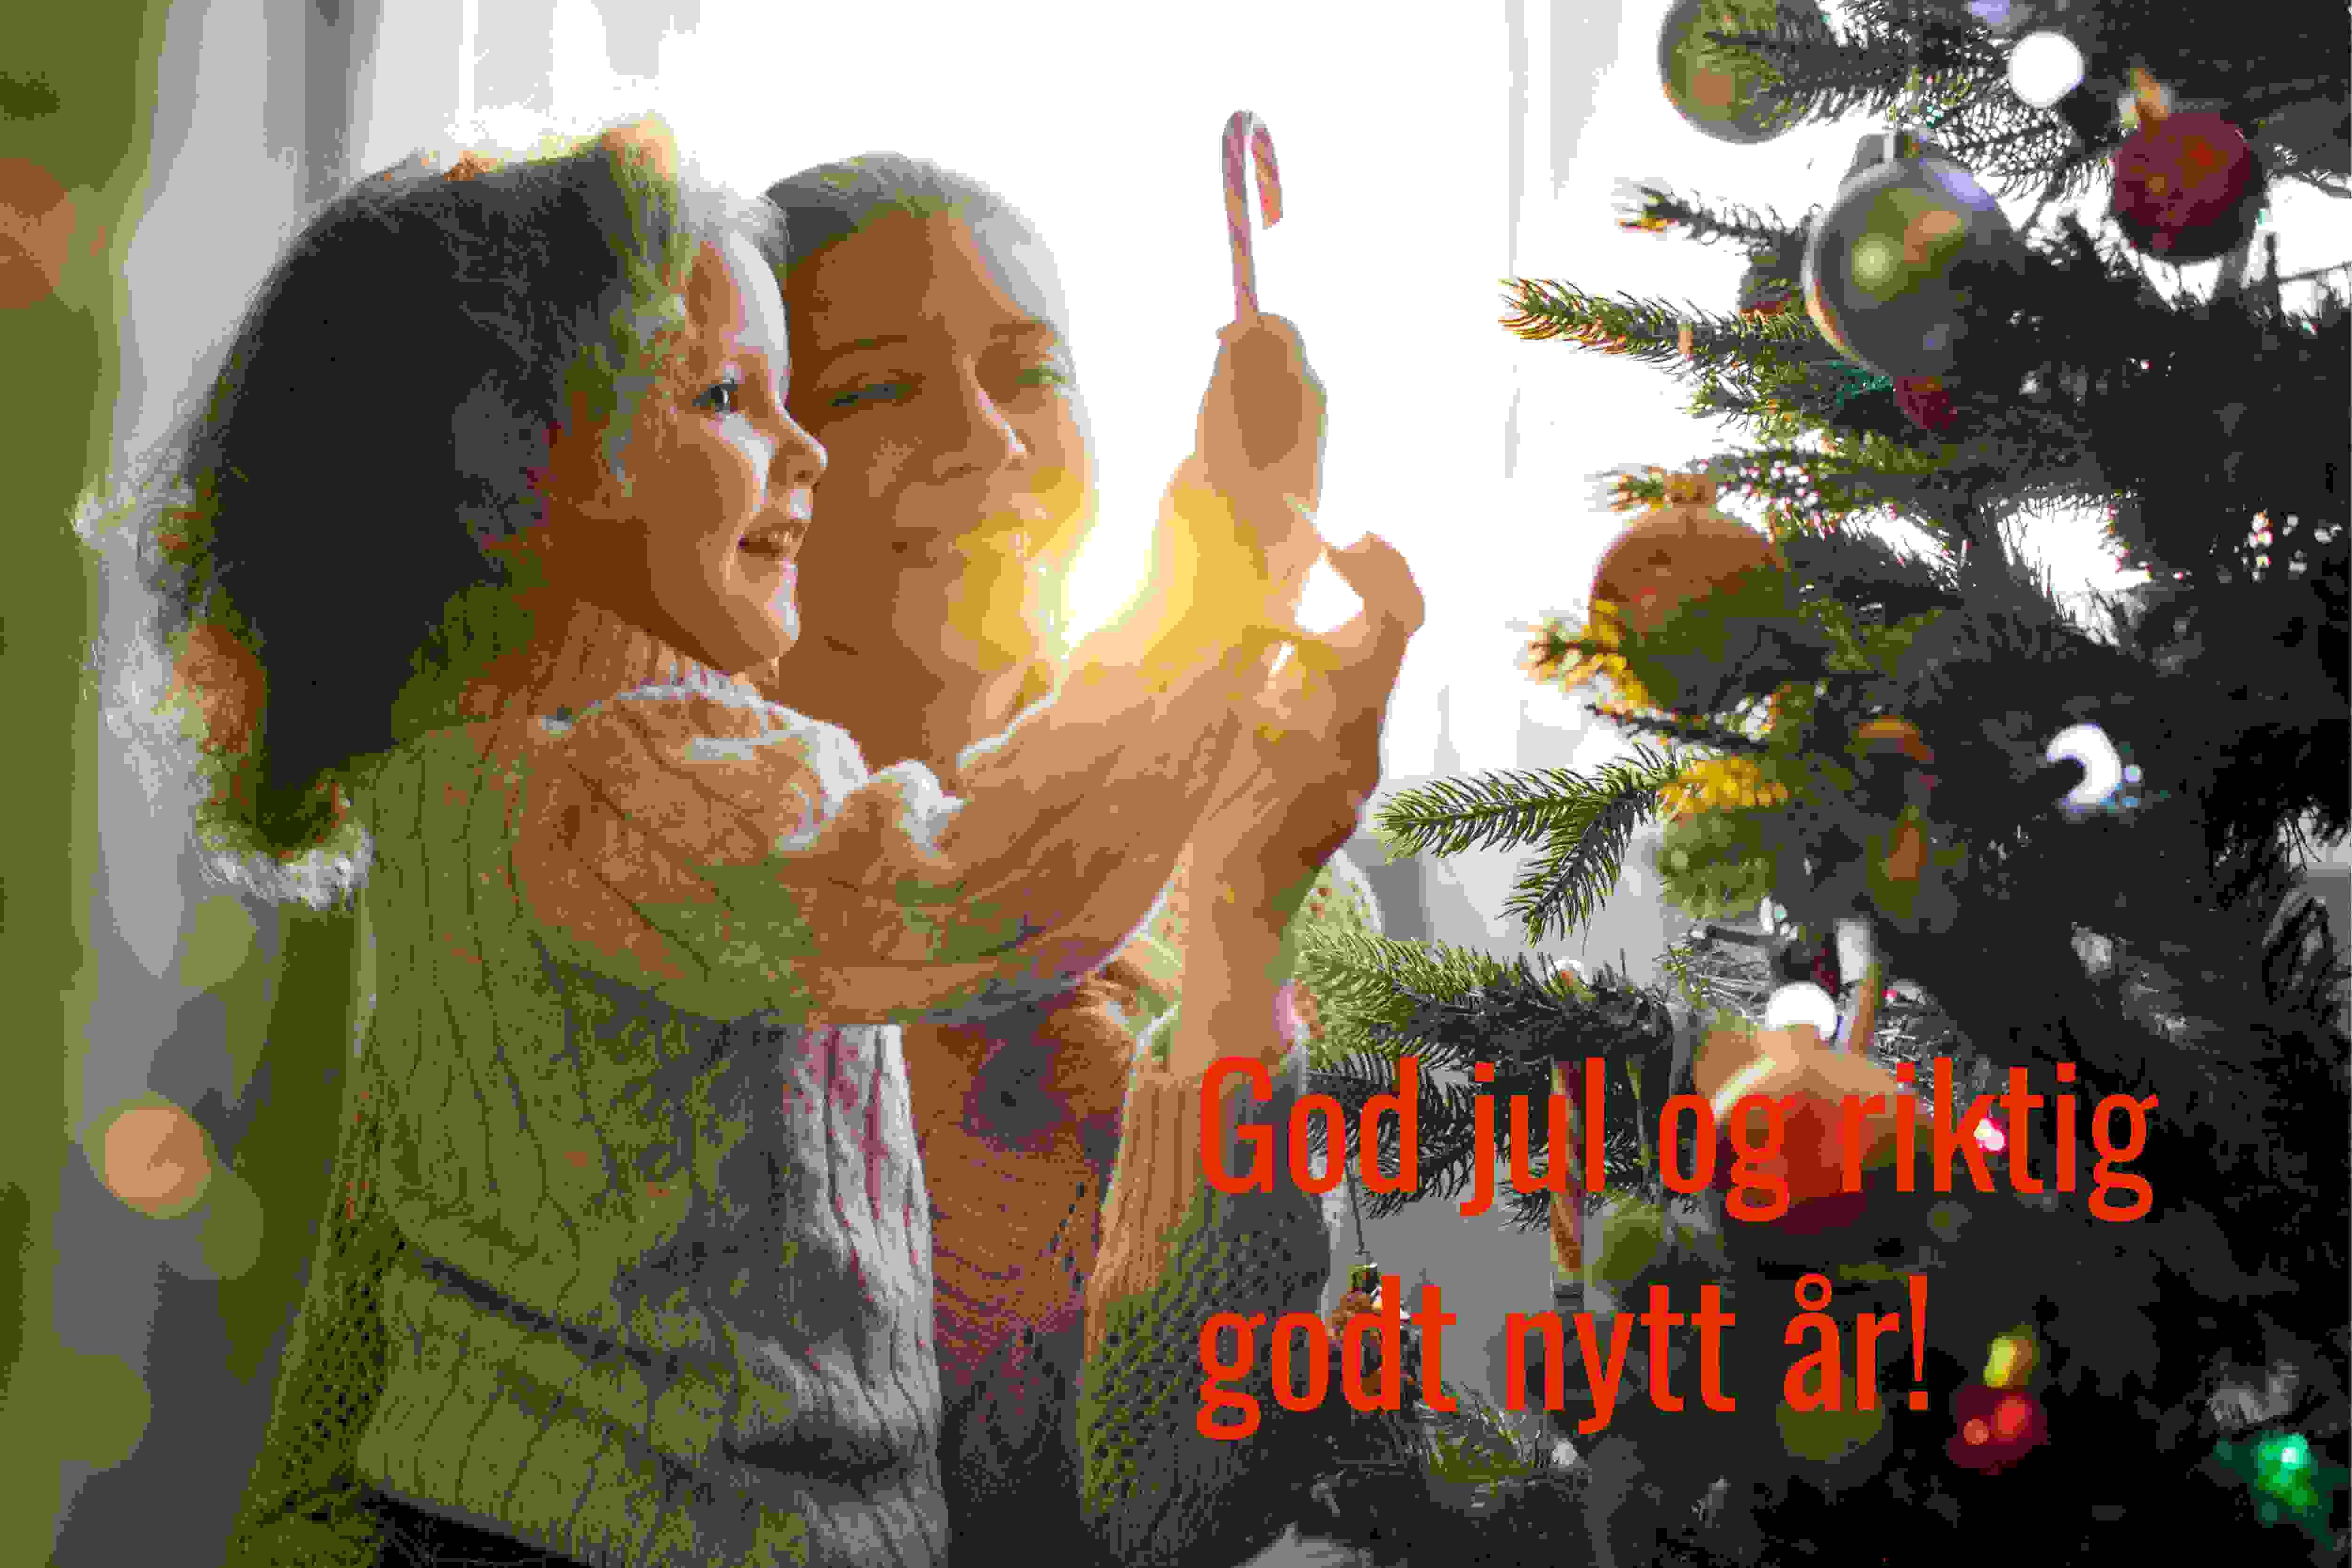 Vi ønsker alle en god jul